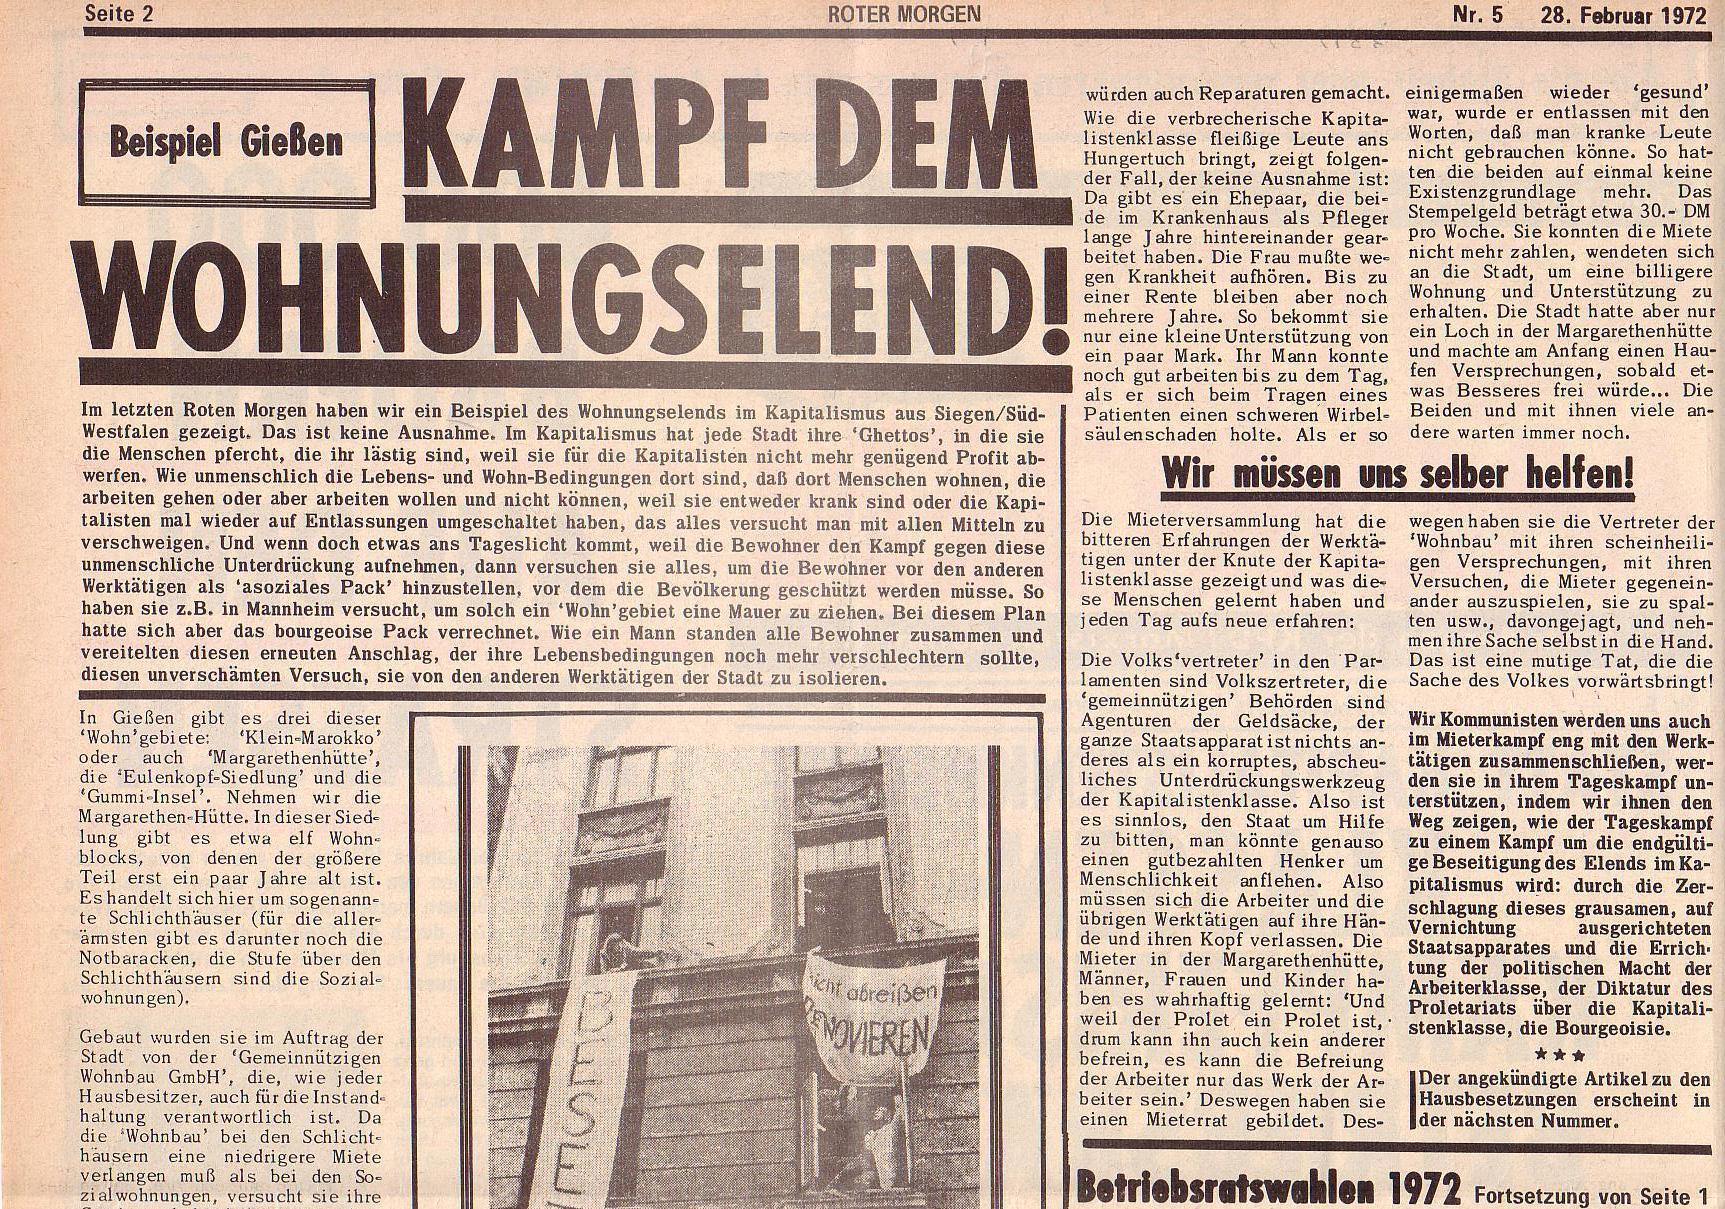 Roter Morgen, 6. Jg., 28. Februar 1972, Nr. 5, Seite 2a